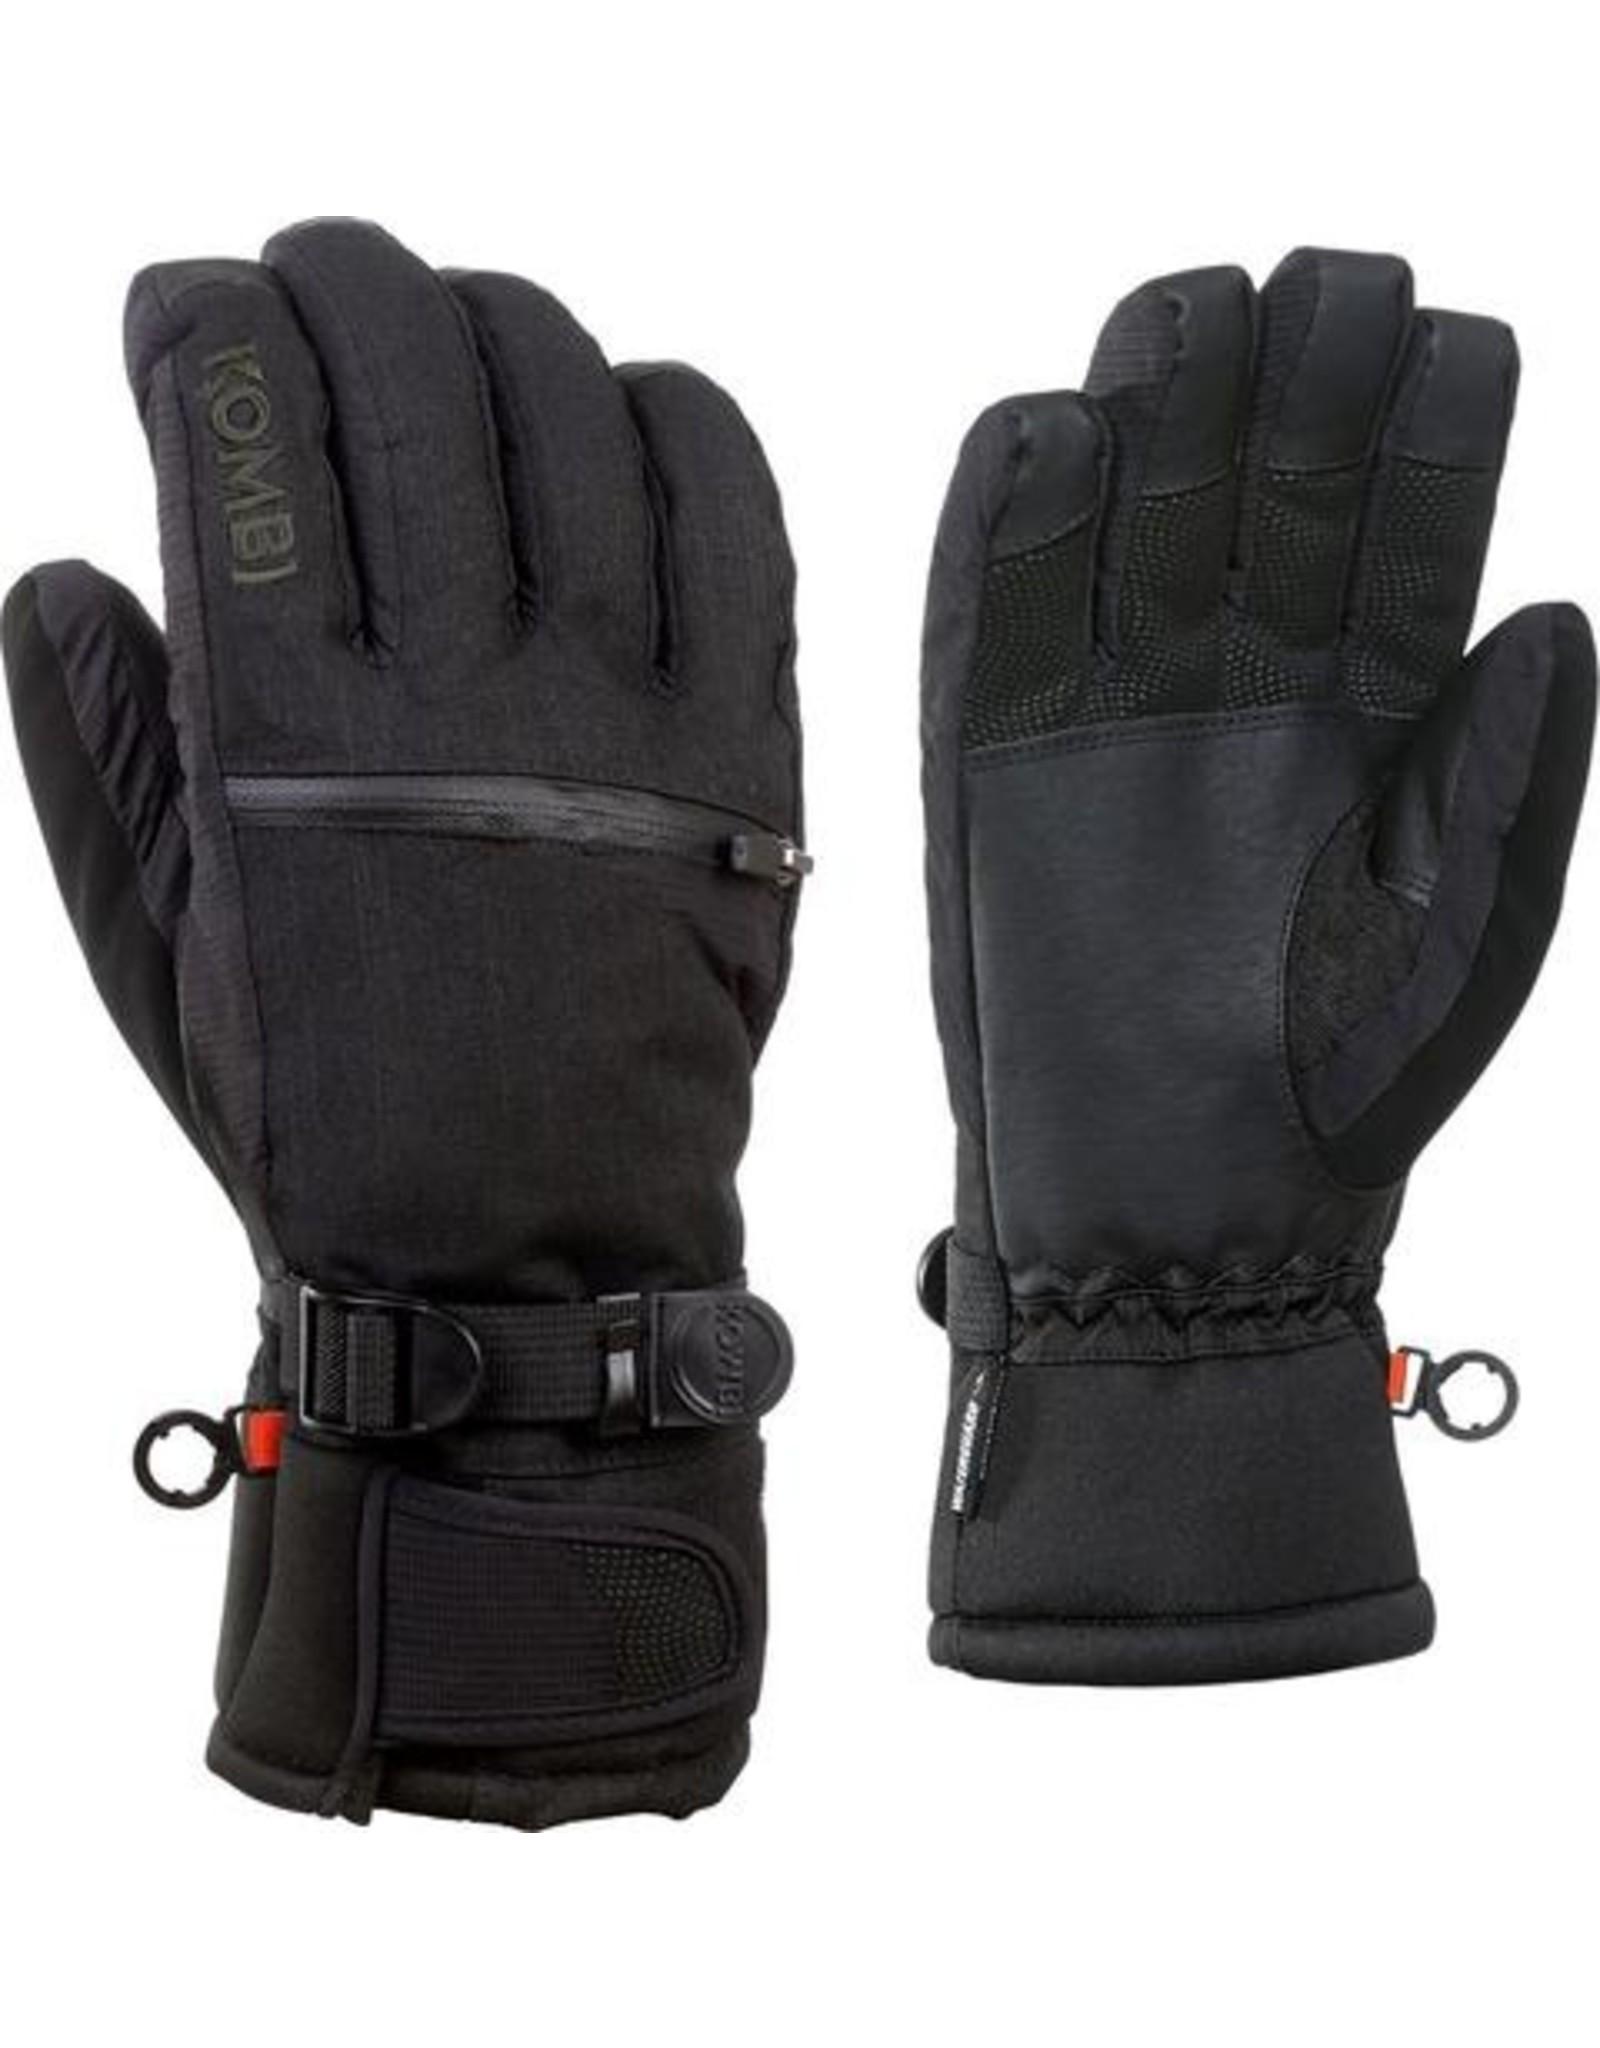 Kombi Kombi The Freerider Women's Glove